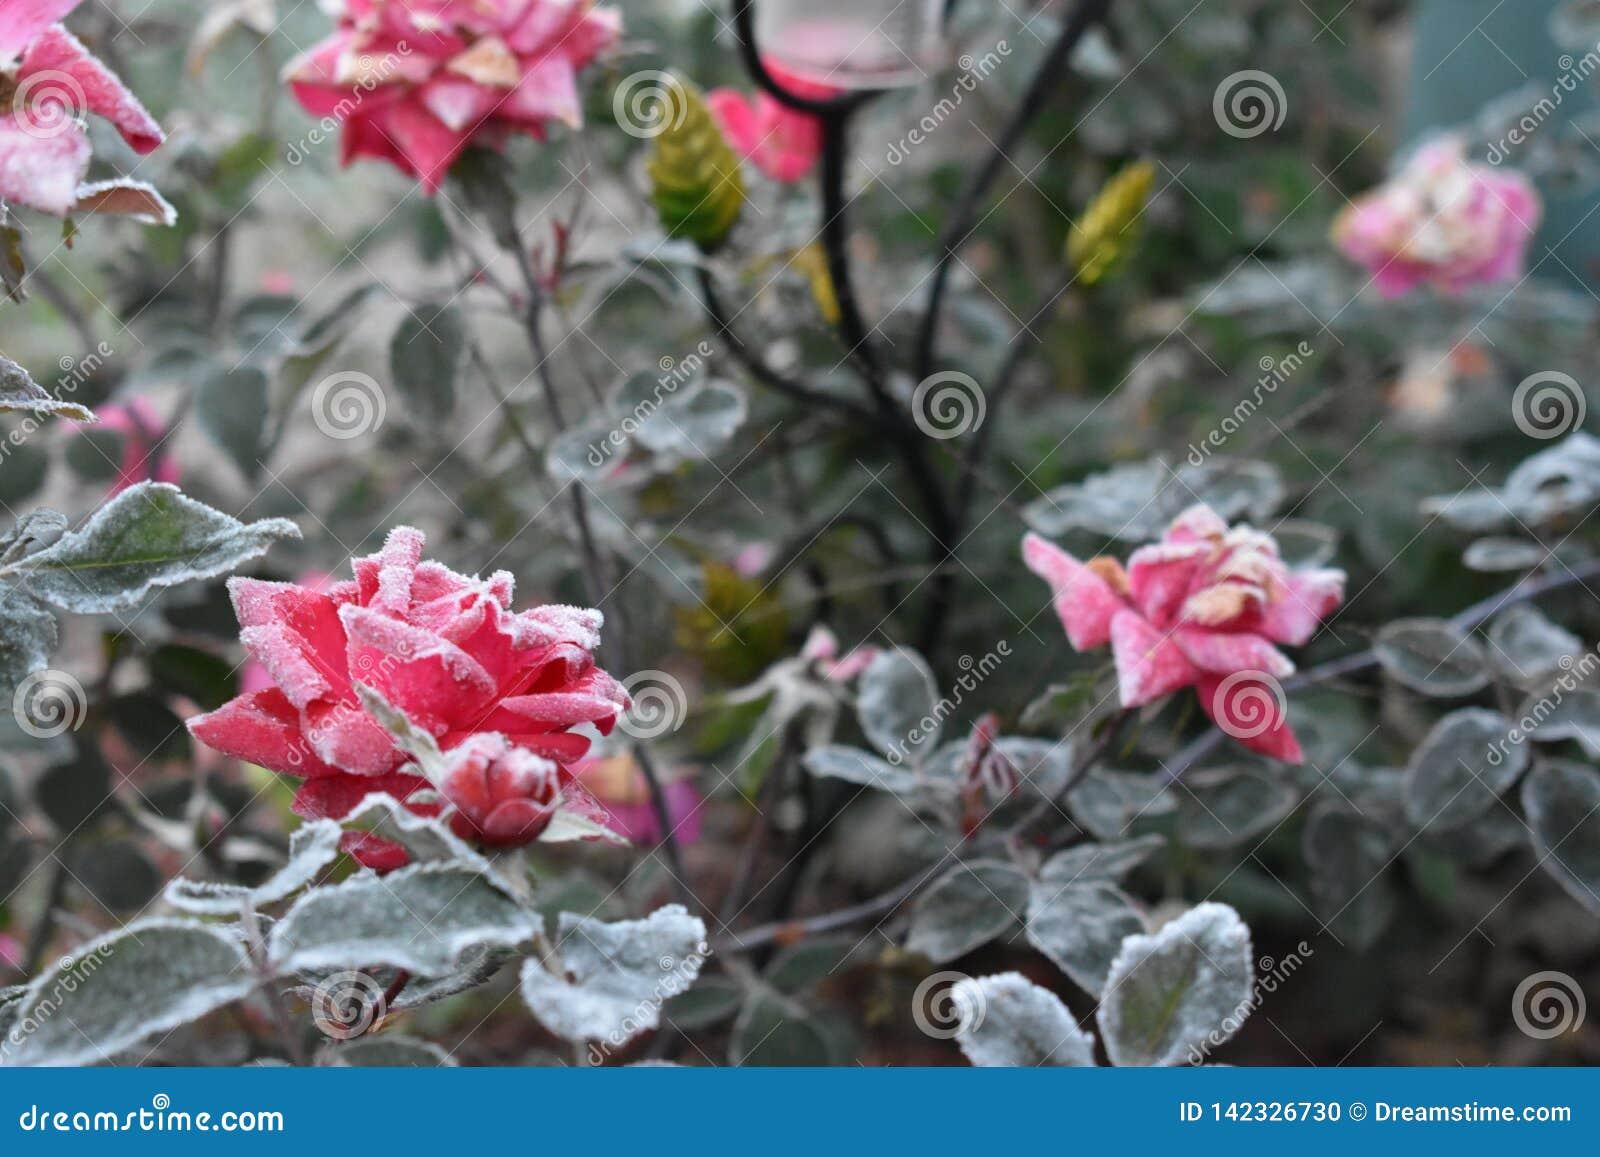 Primeiro Frost em flores de brotamento